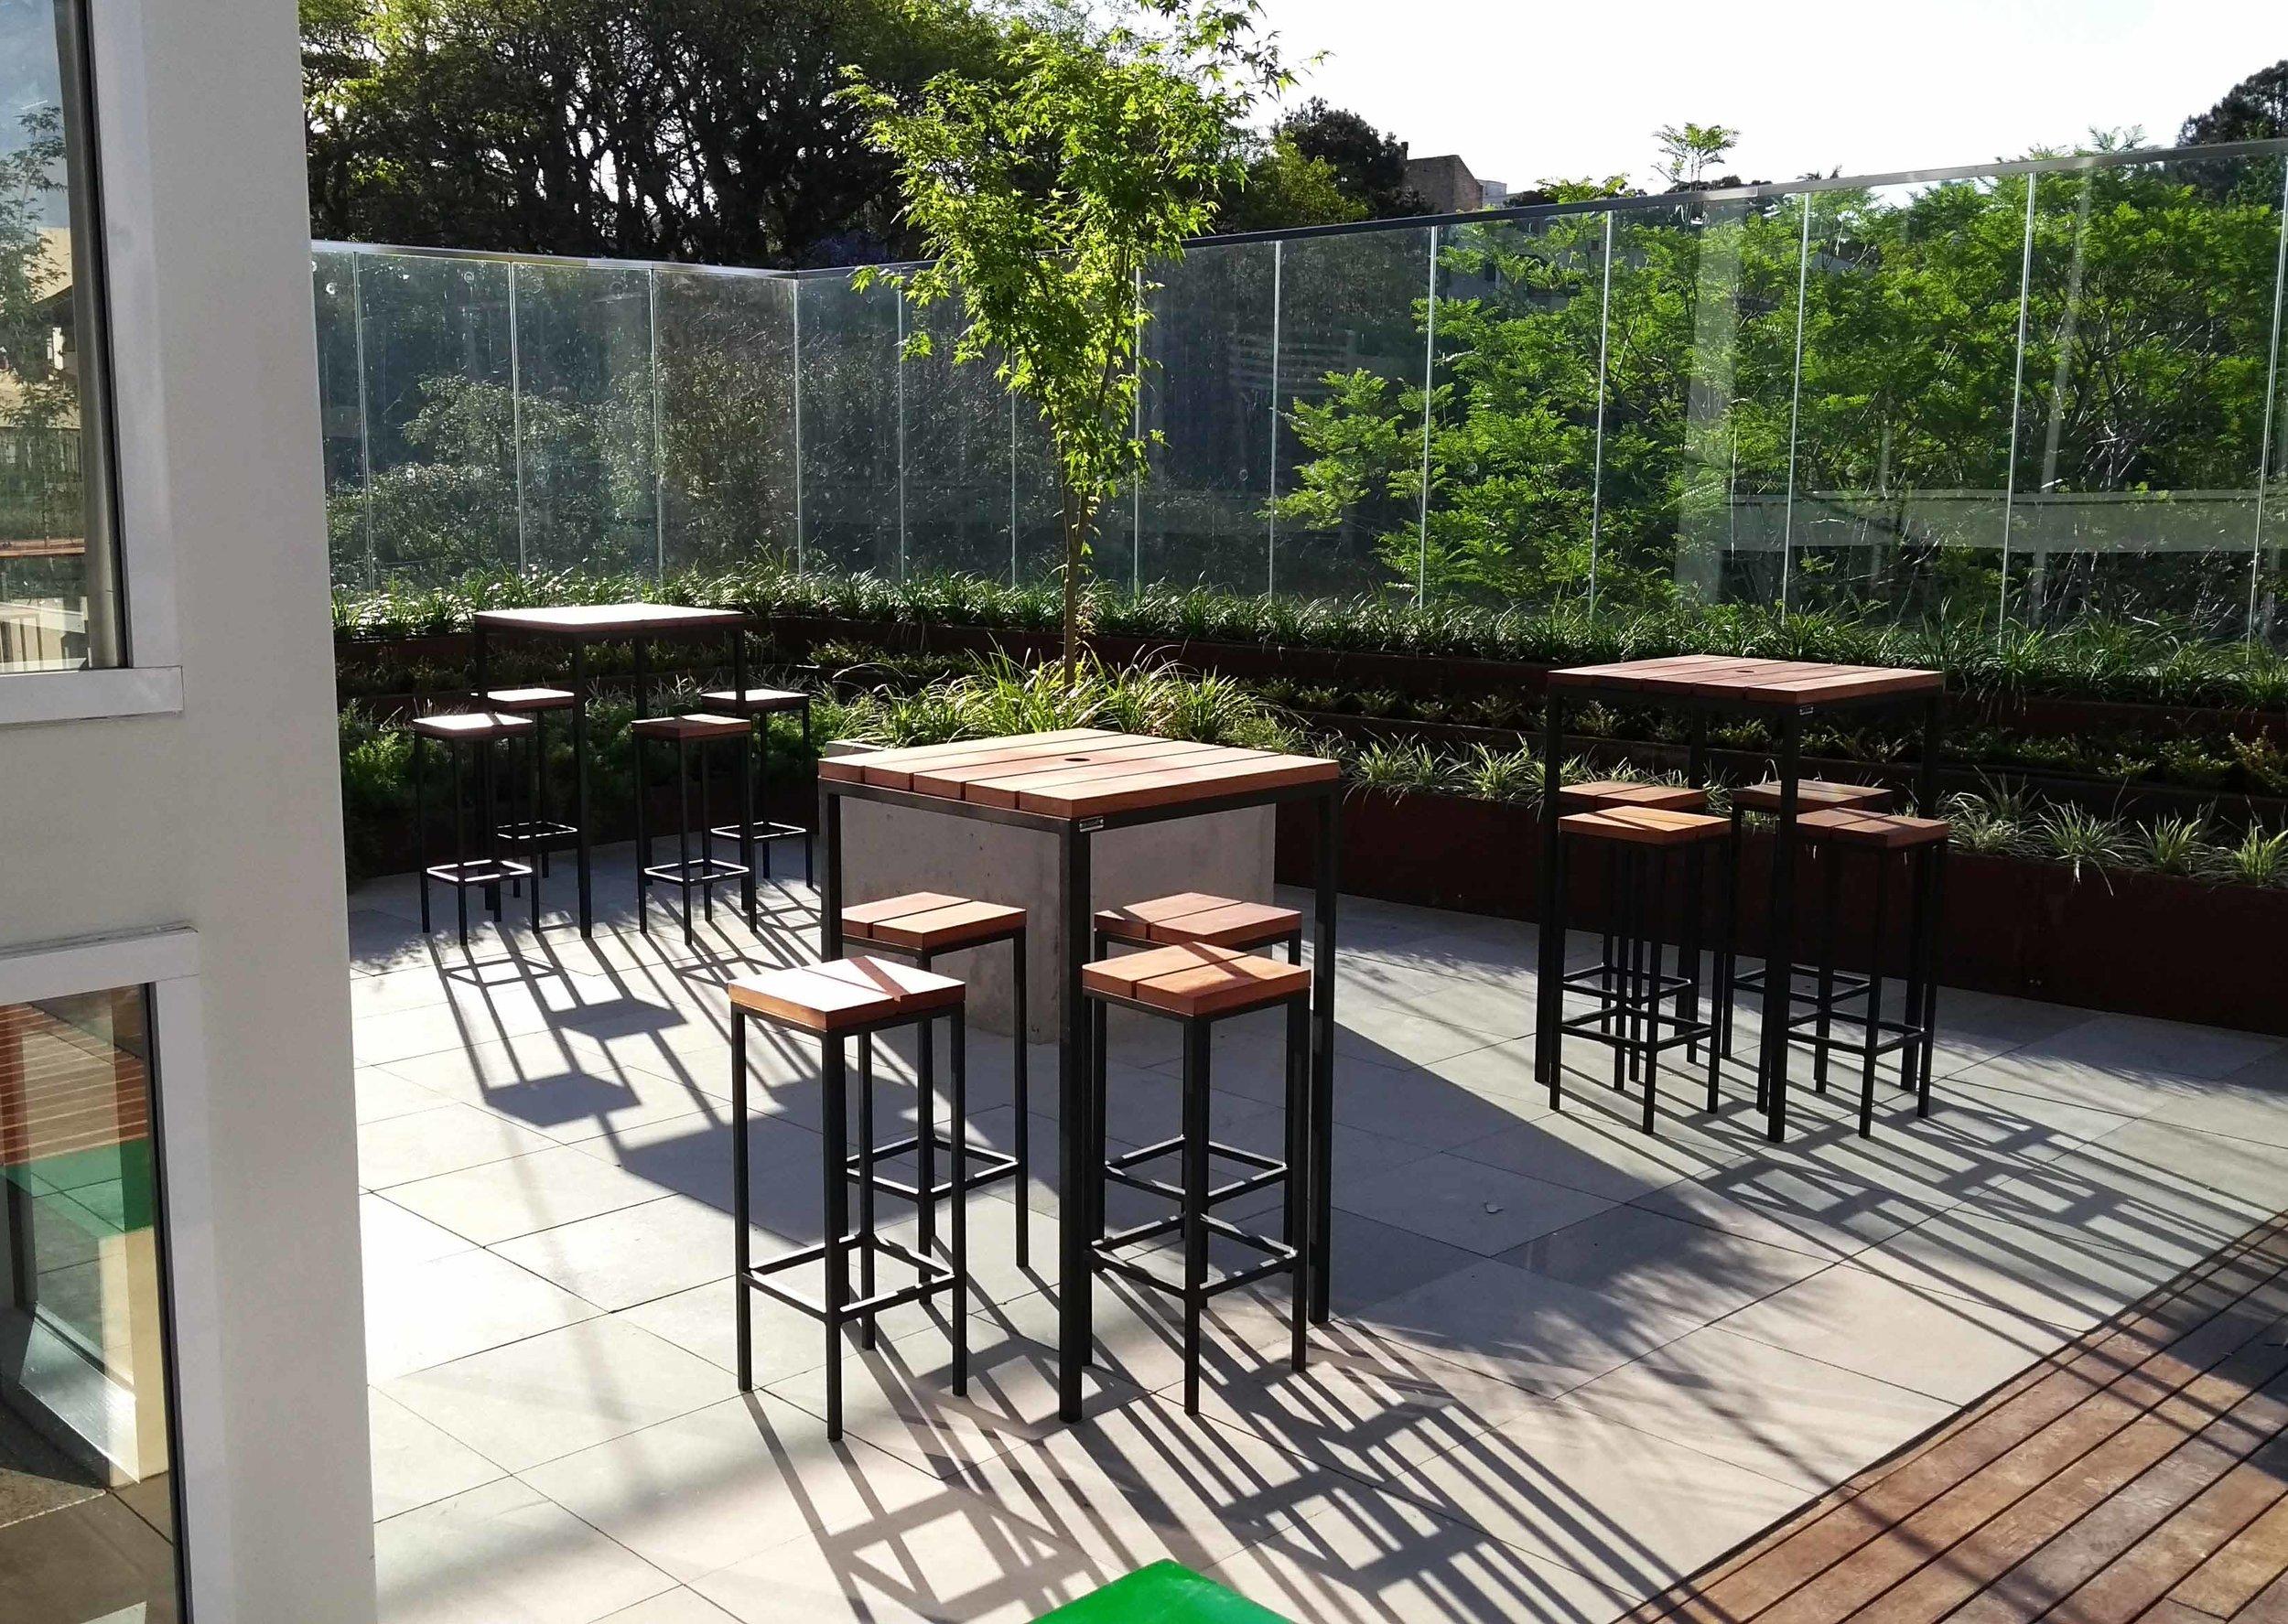 Mesas grid alta quadrada em bar na faculdade Unisinos São Leopoldo/RS